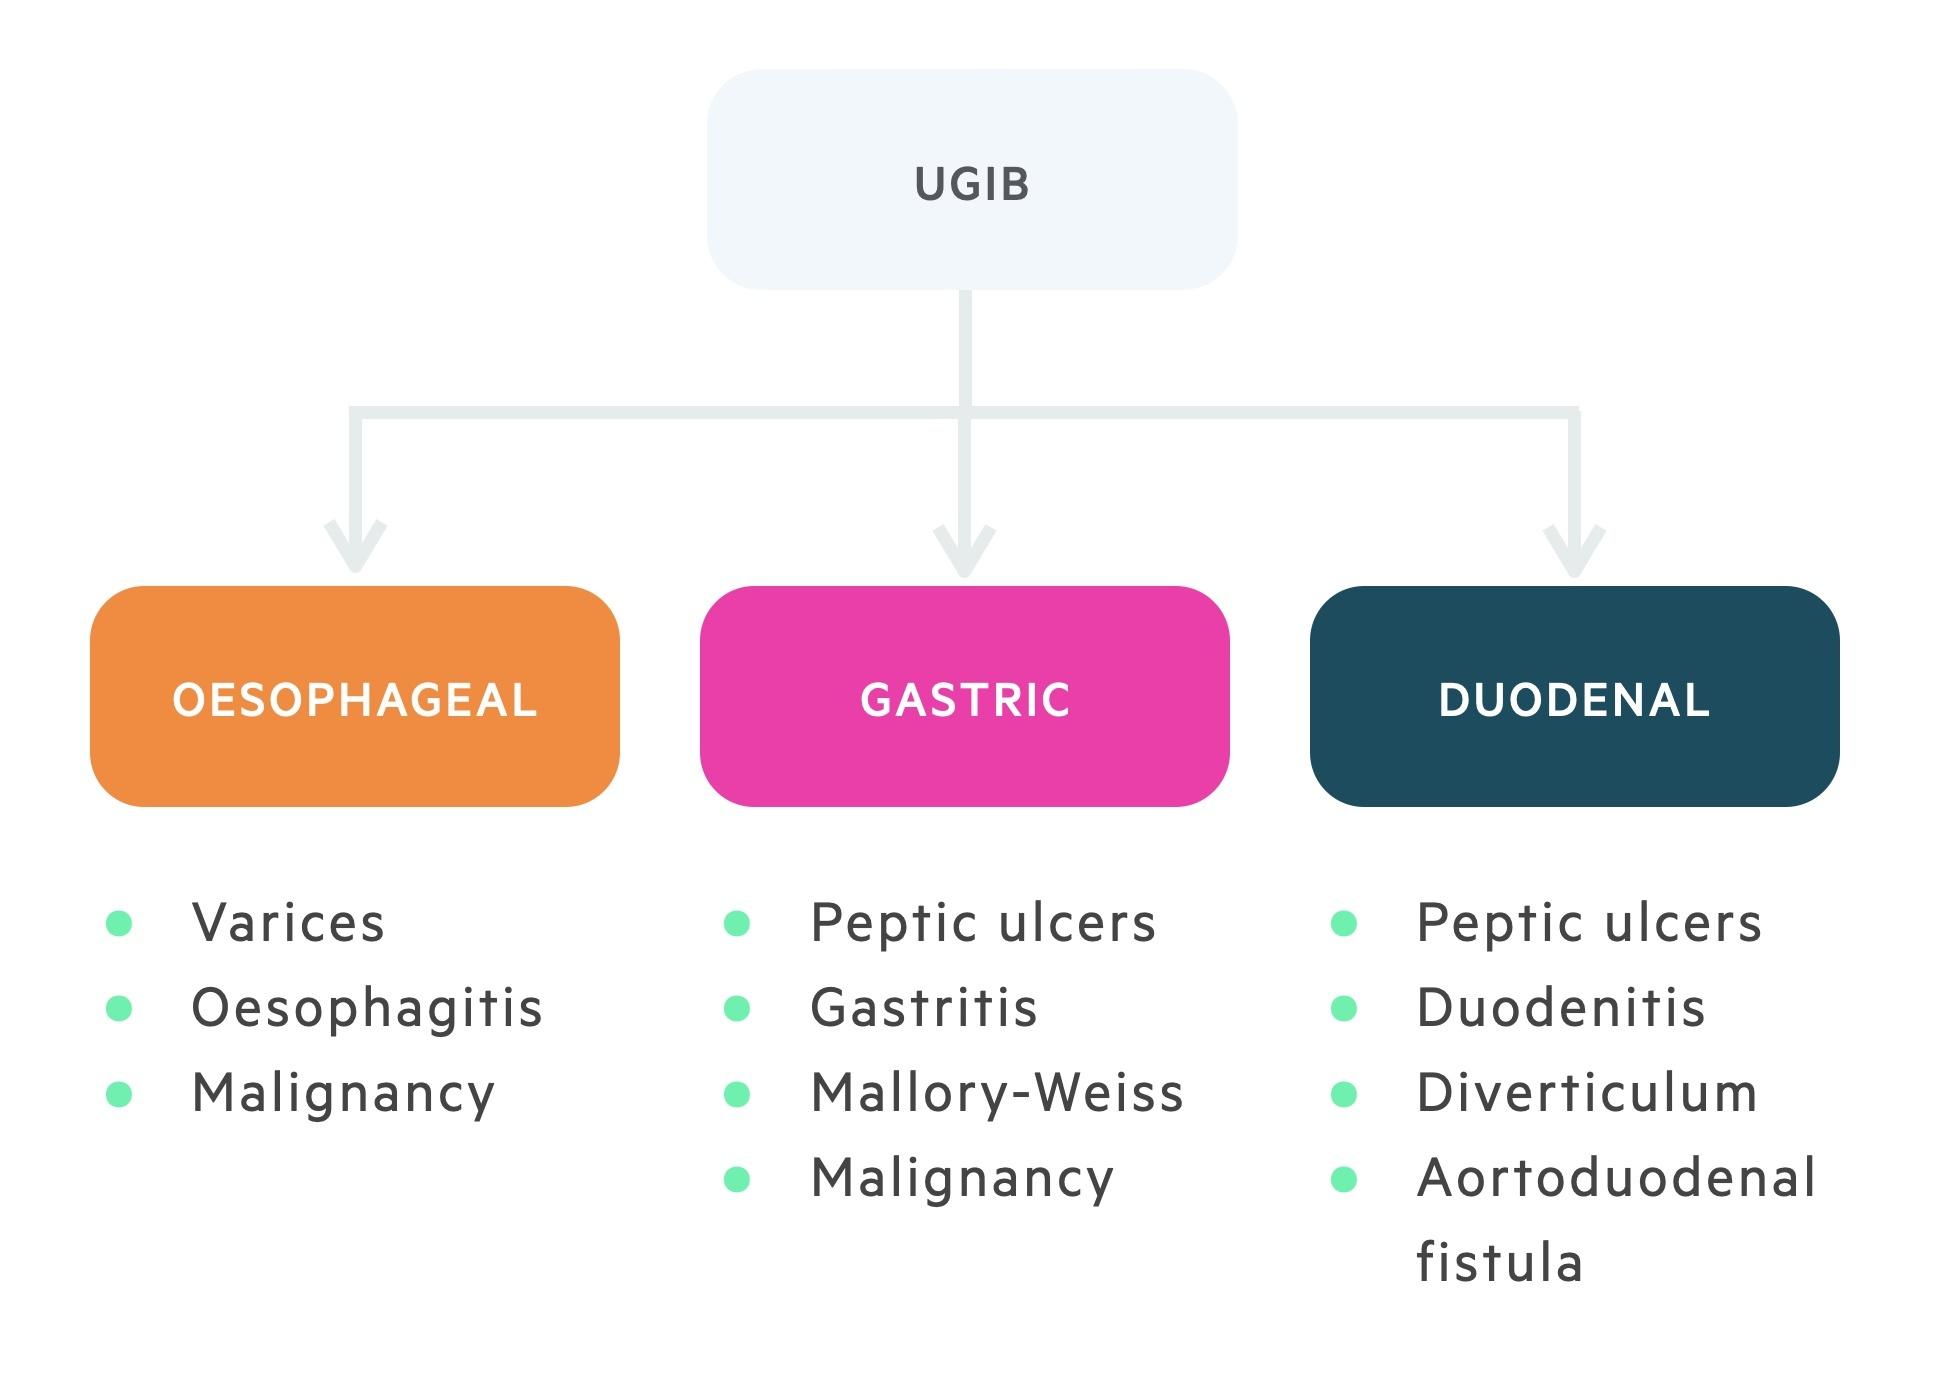 Causes of UGIB